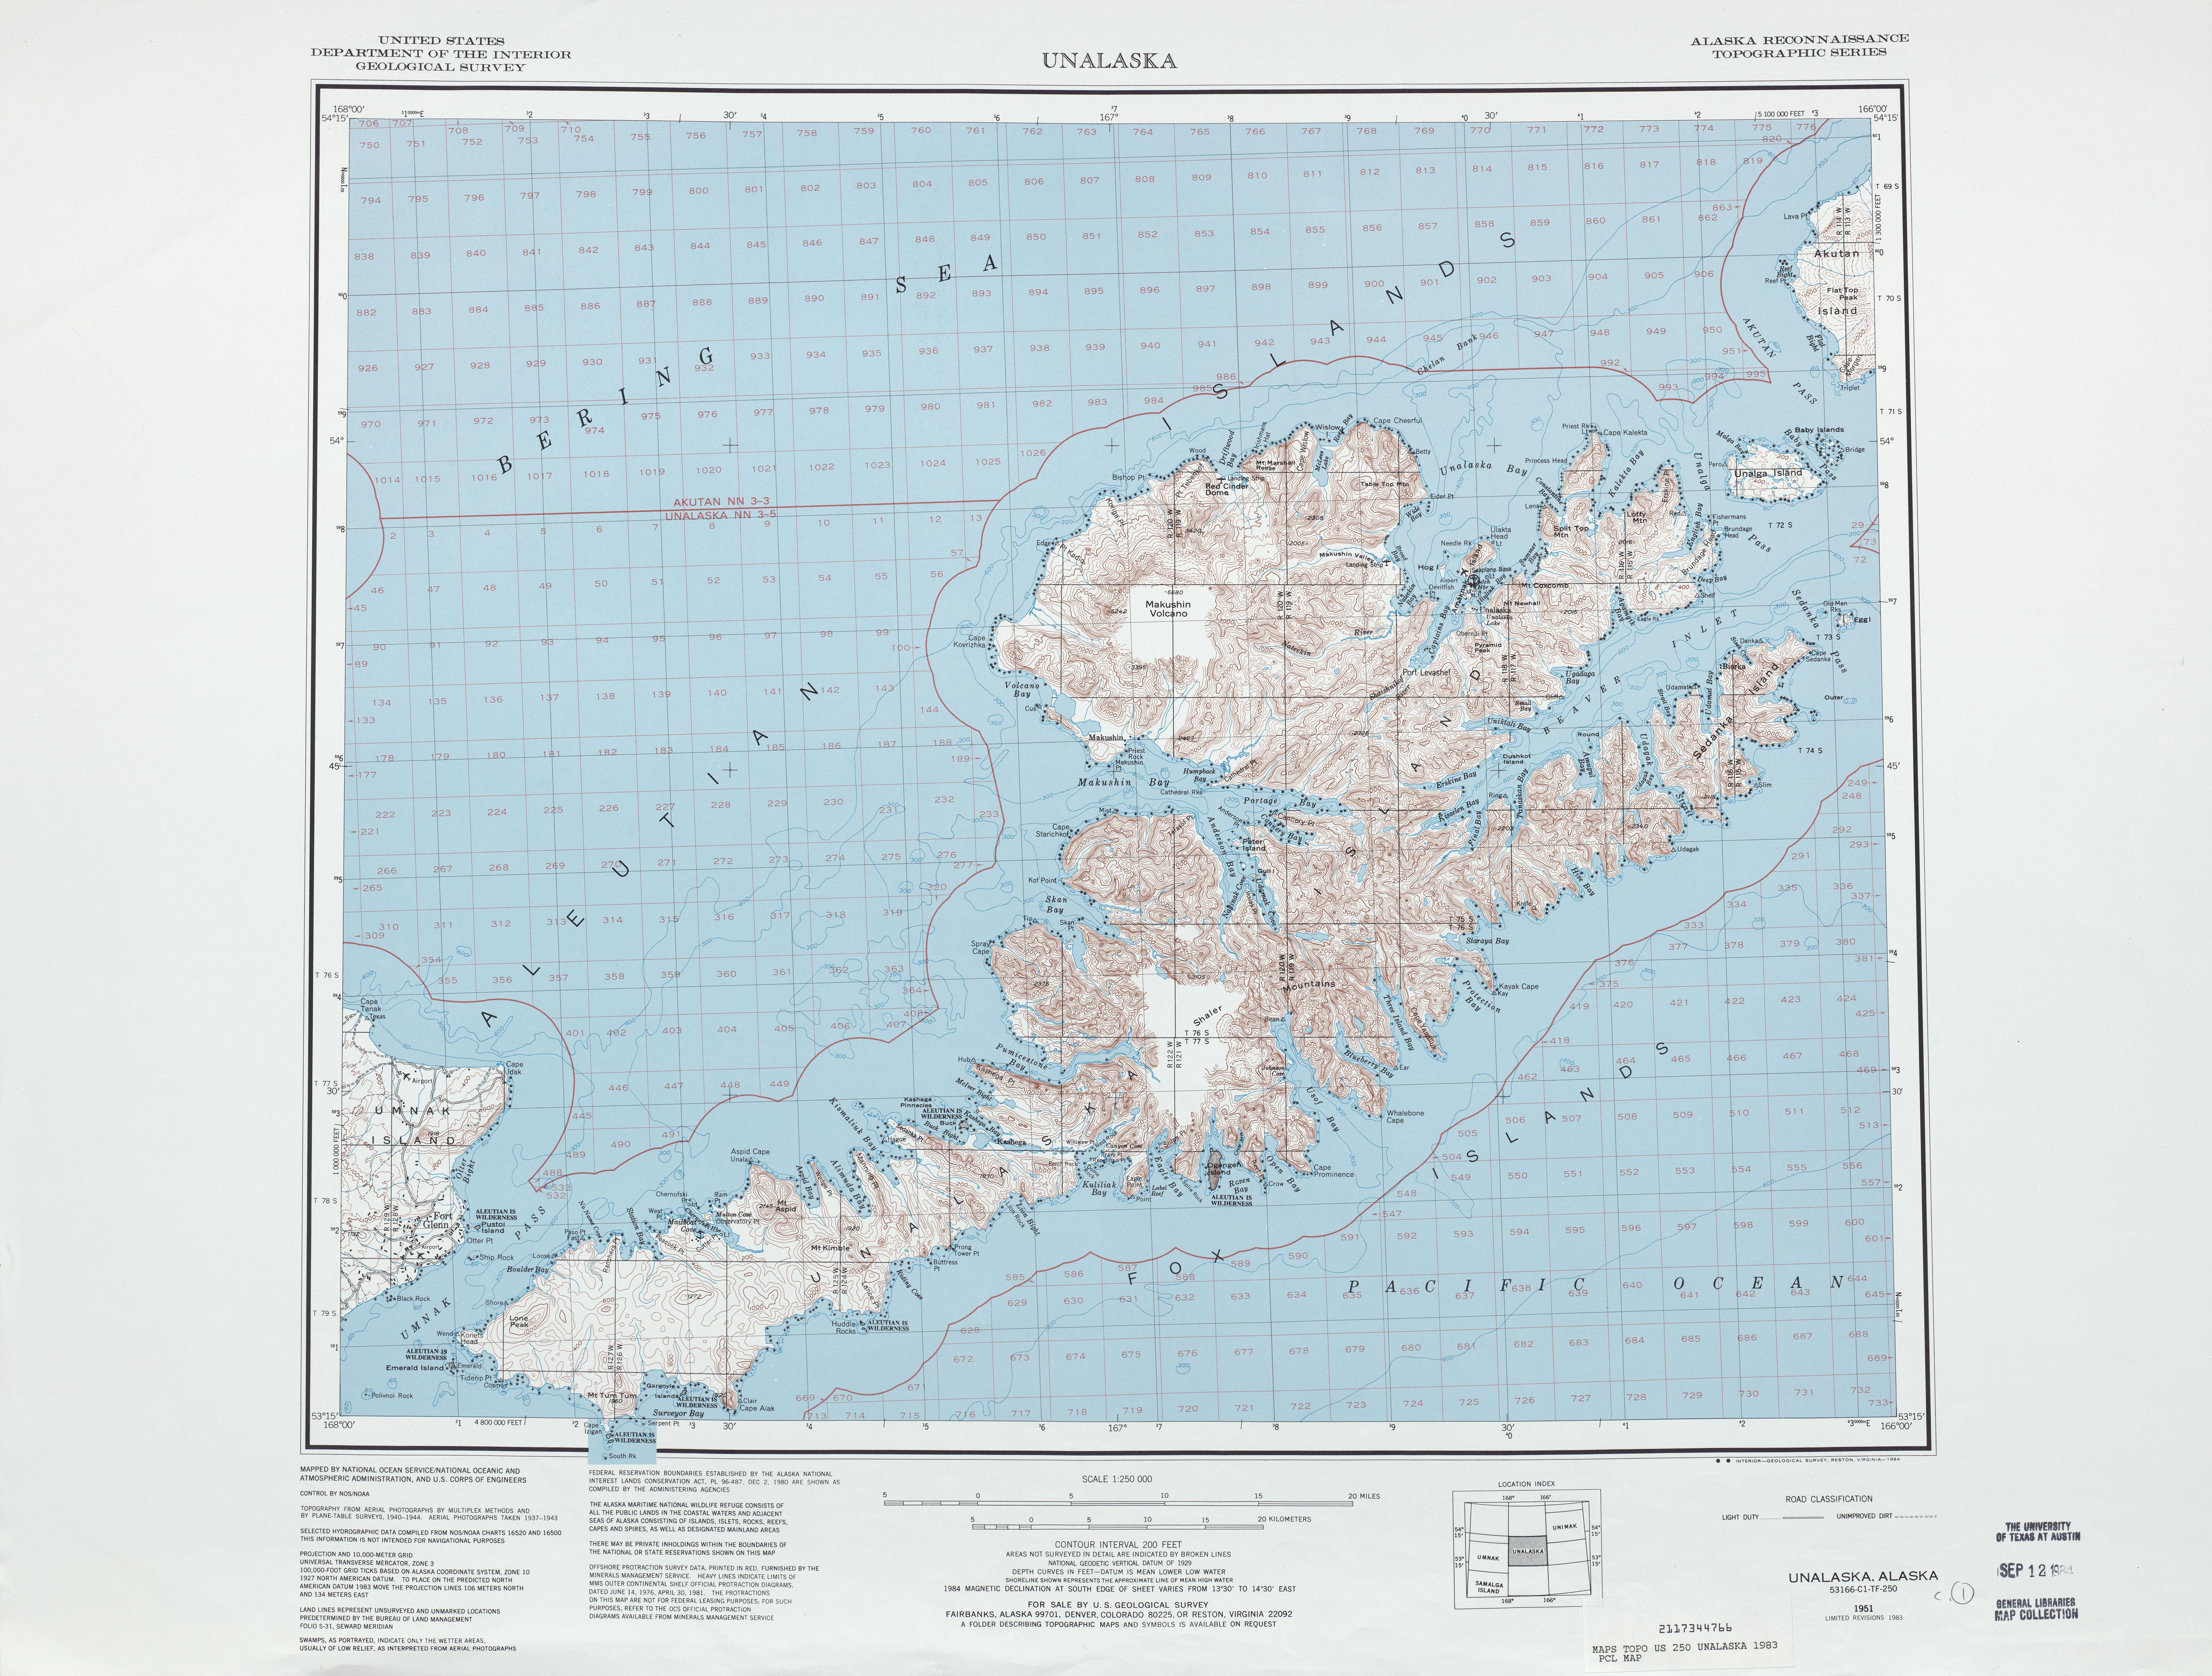 Hoja Unalaska del Mapa Topográfico de los Estados Unidos 1983